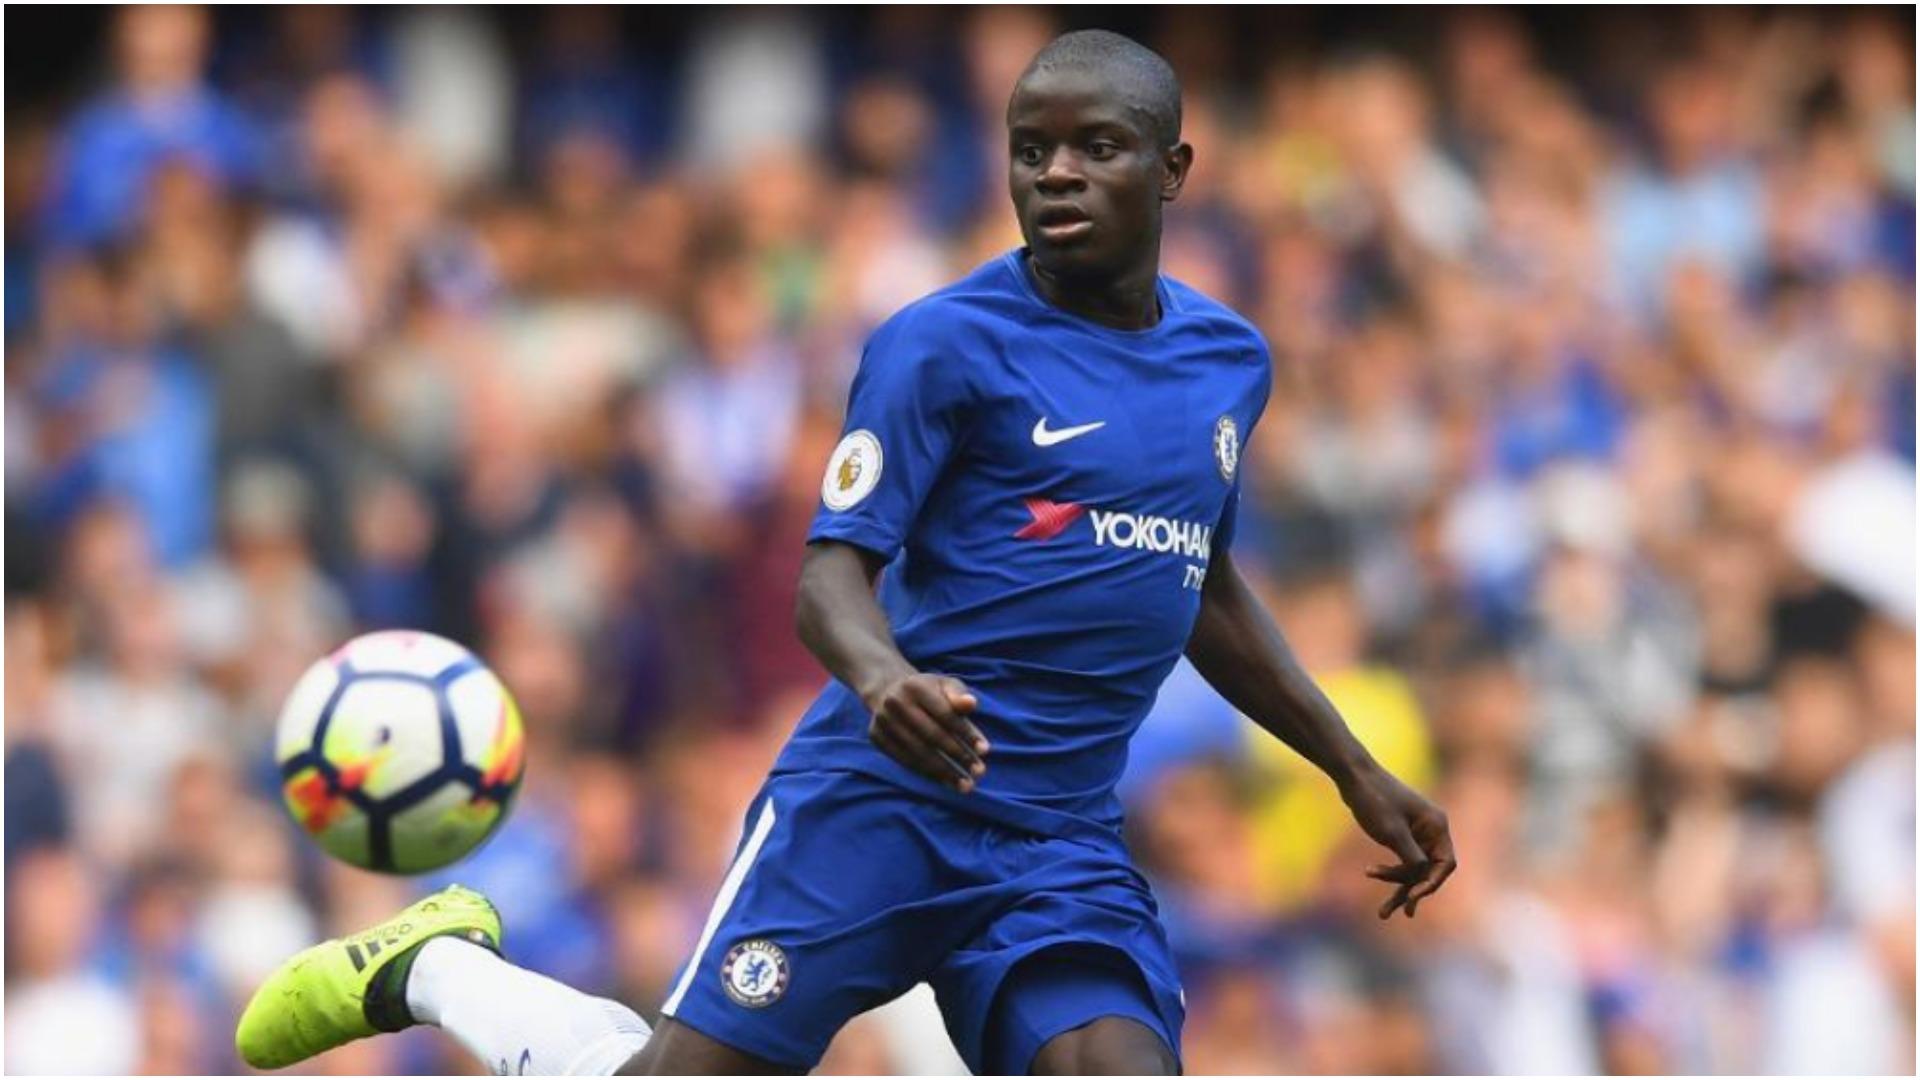 Dy lojtarë për N'Golo Kante, Chelsea e tërbon Interin sërish